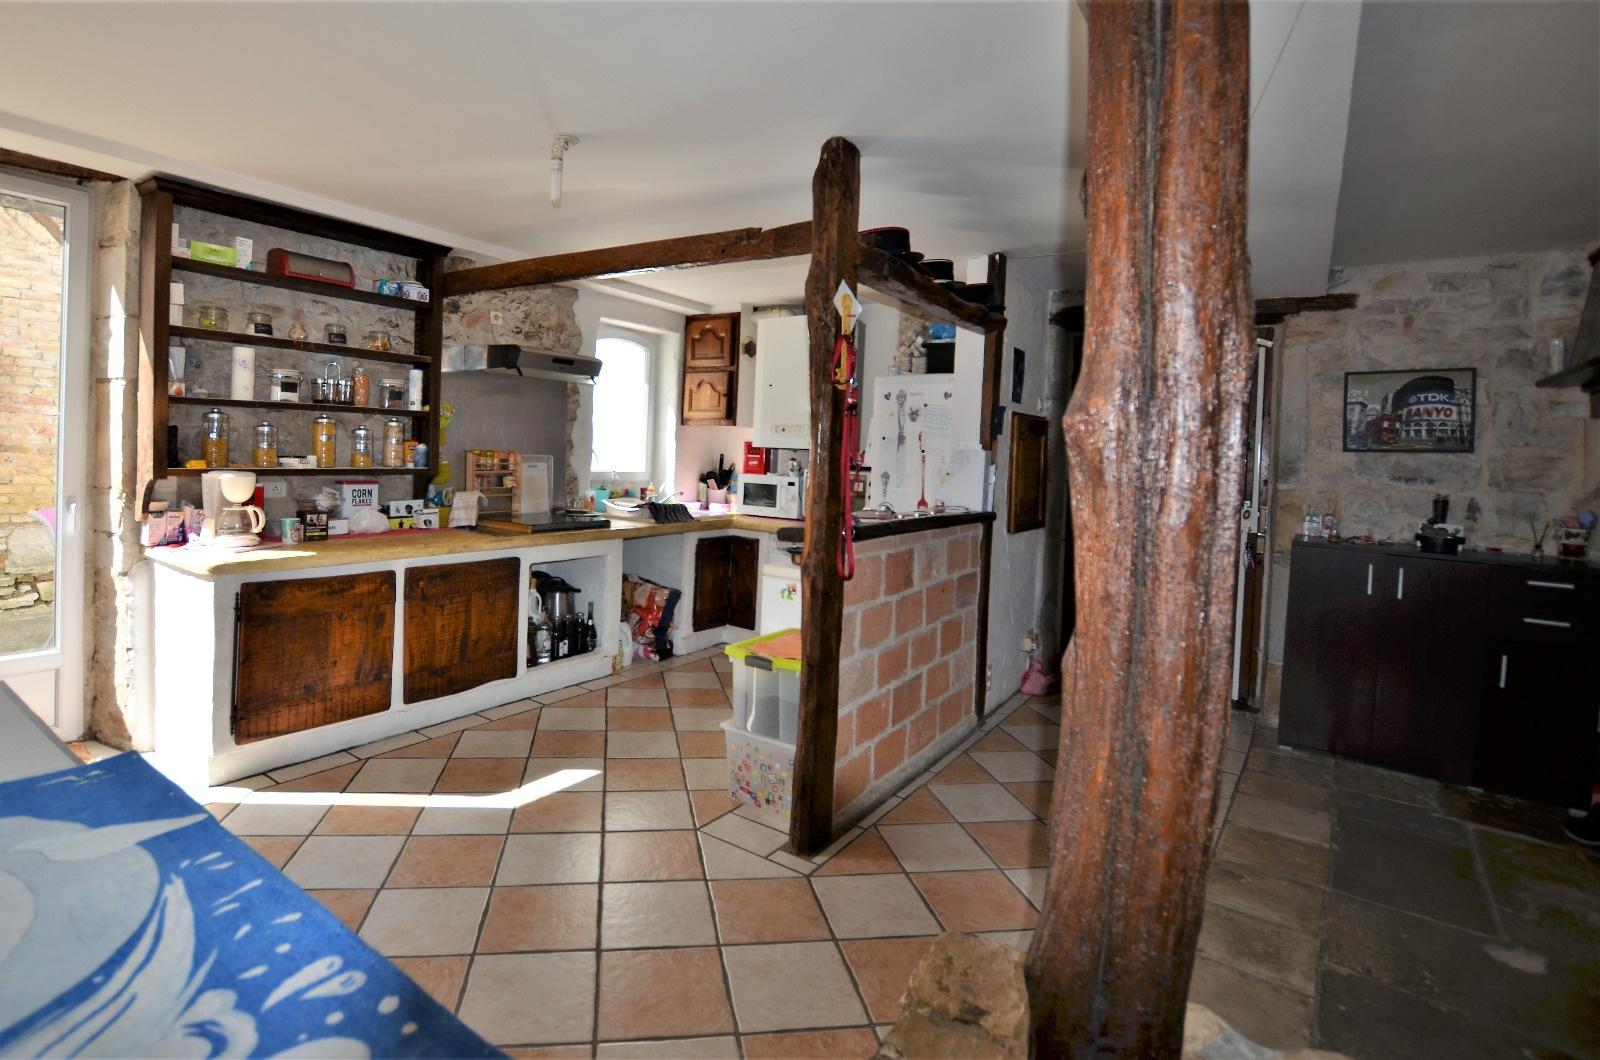 Vente tr s bel appartement dans maison bourgeoise urt for Appartement dans maison